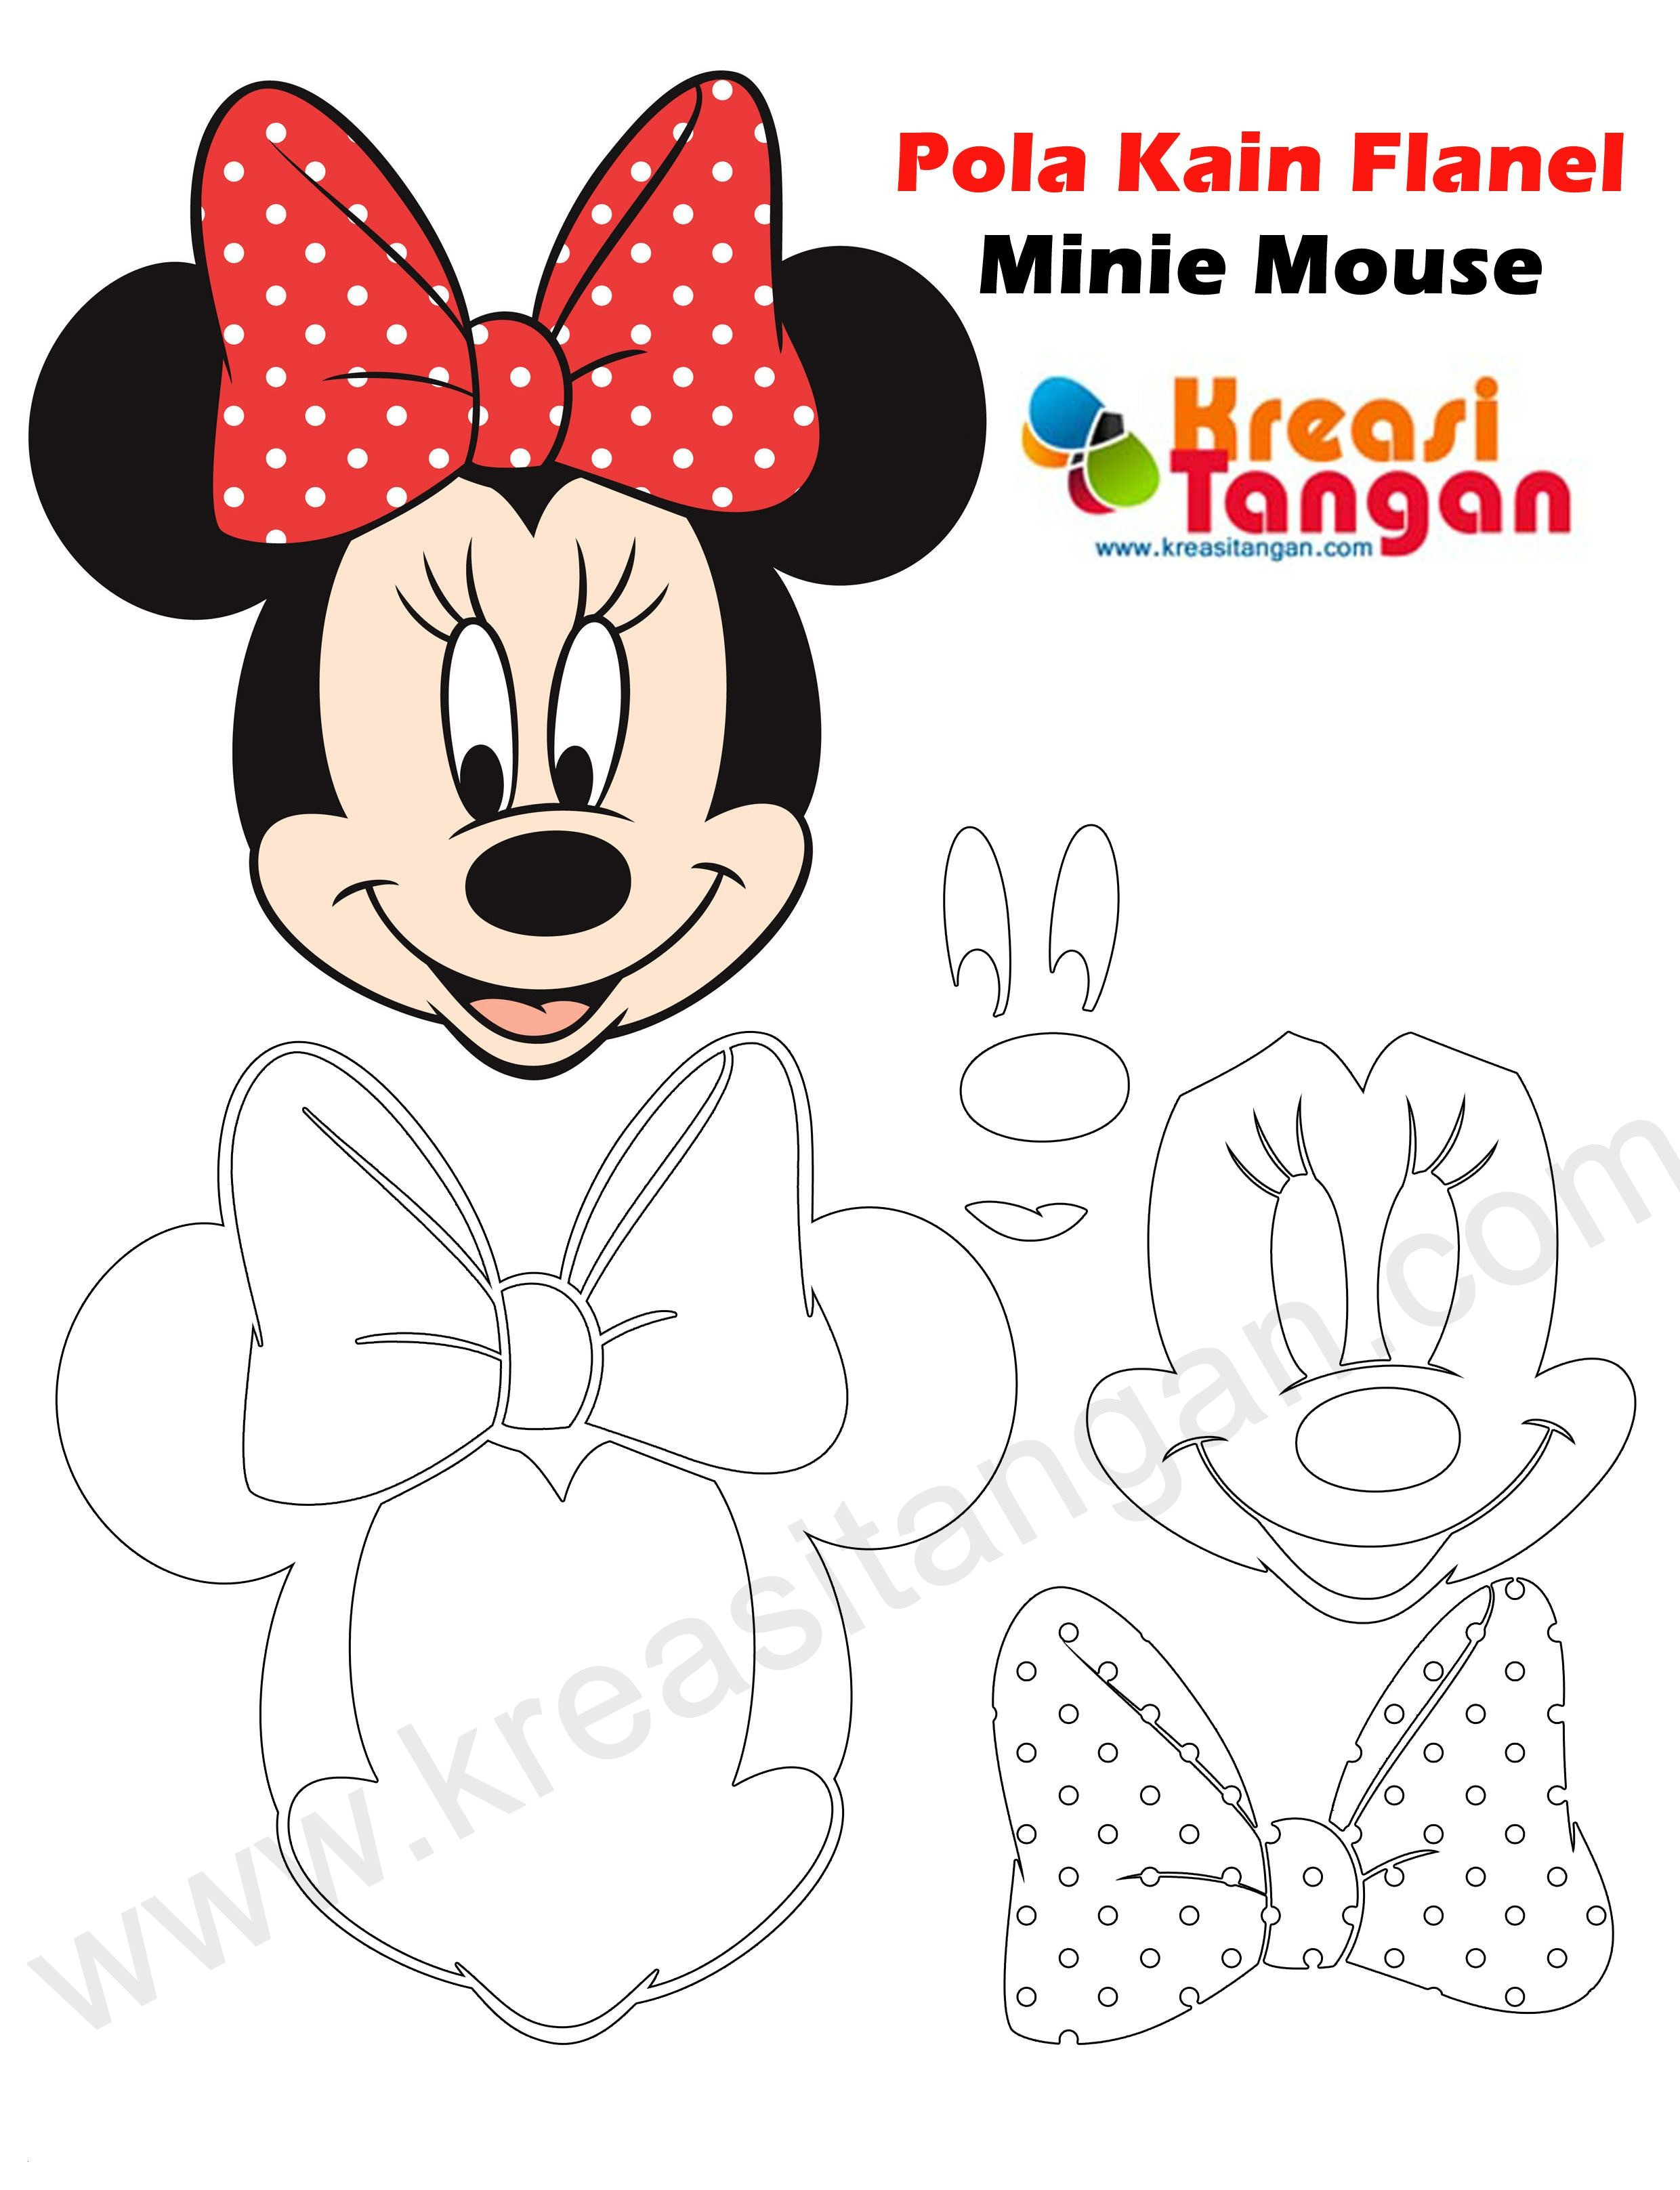 Minnie Maus Malvorlage Einzigartig 40 Ausmalbilder Herbst Igel Scoredatscore Frisch Ausmalbilder Mini Bilder